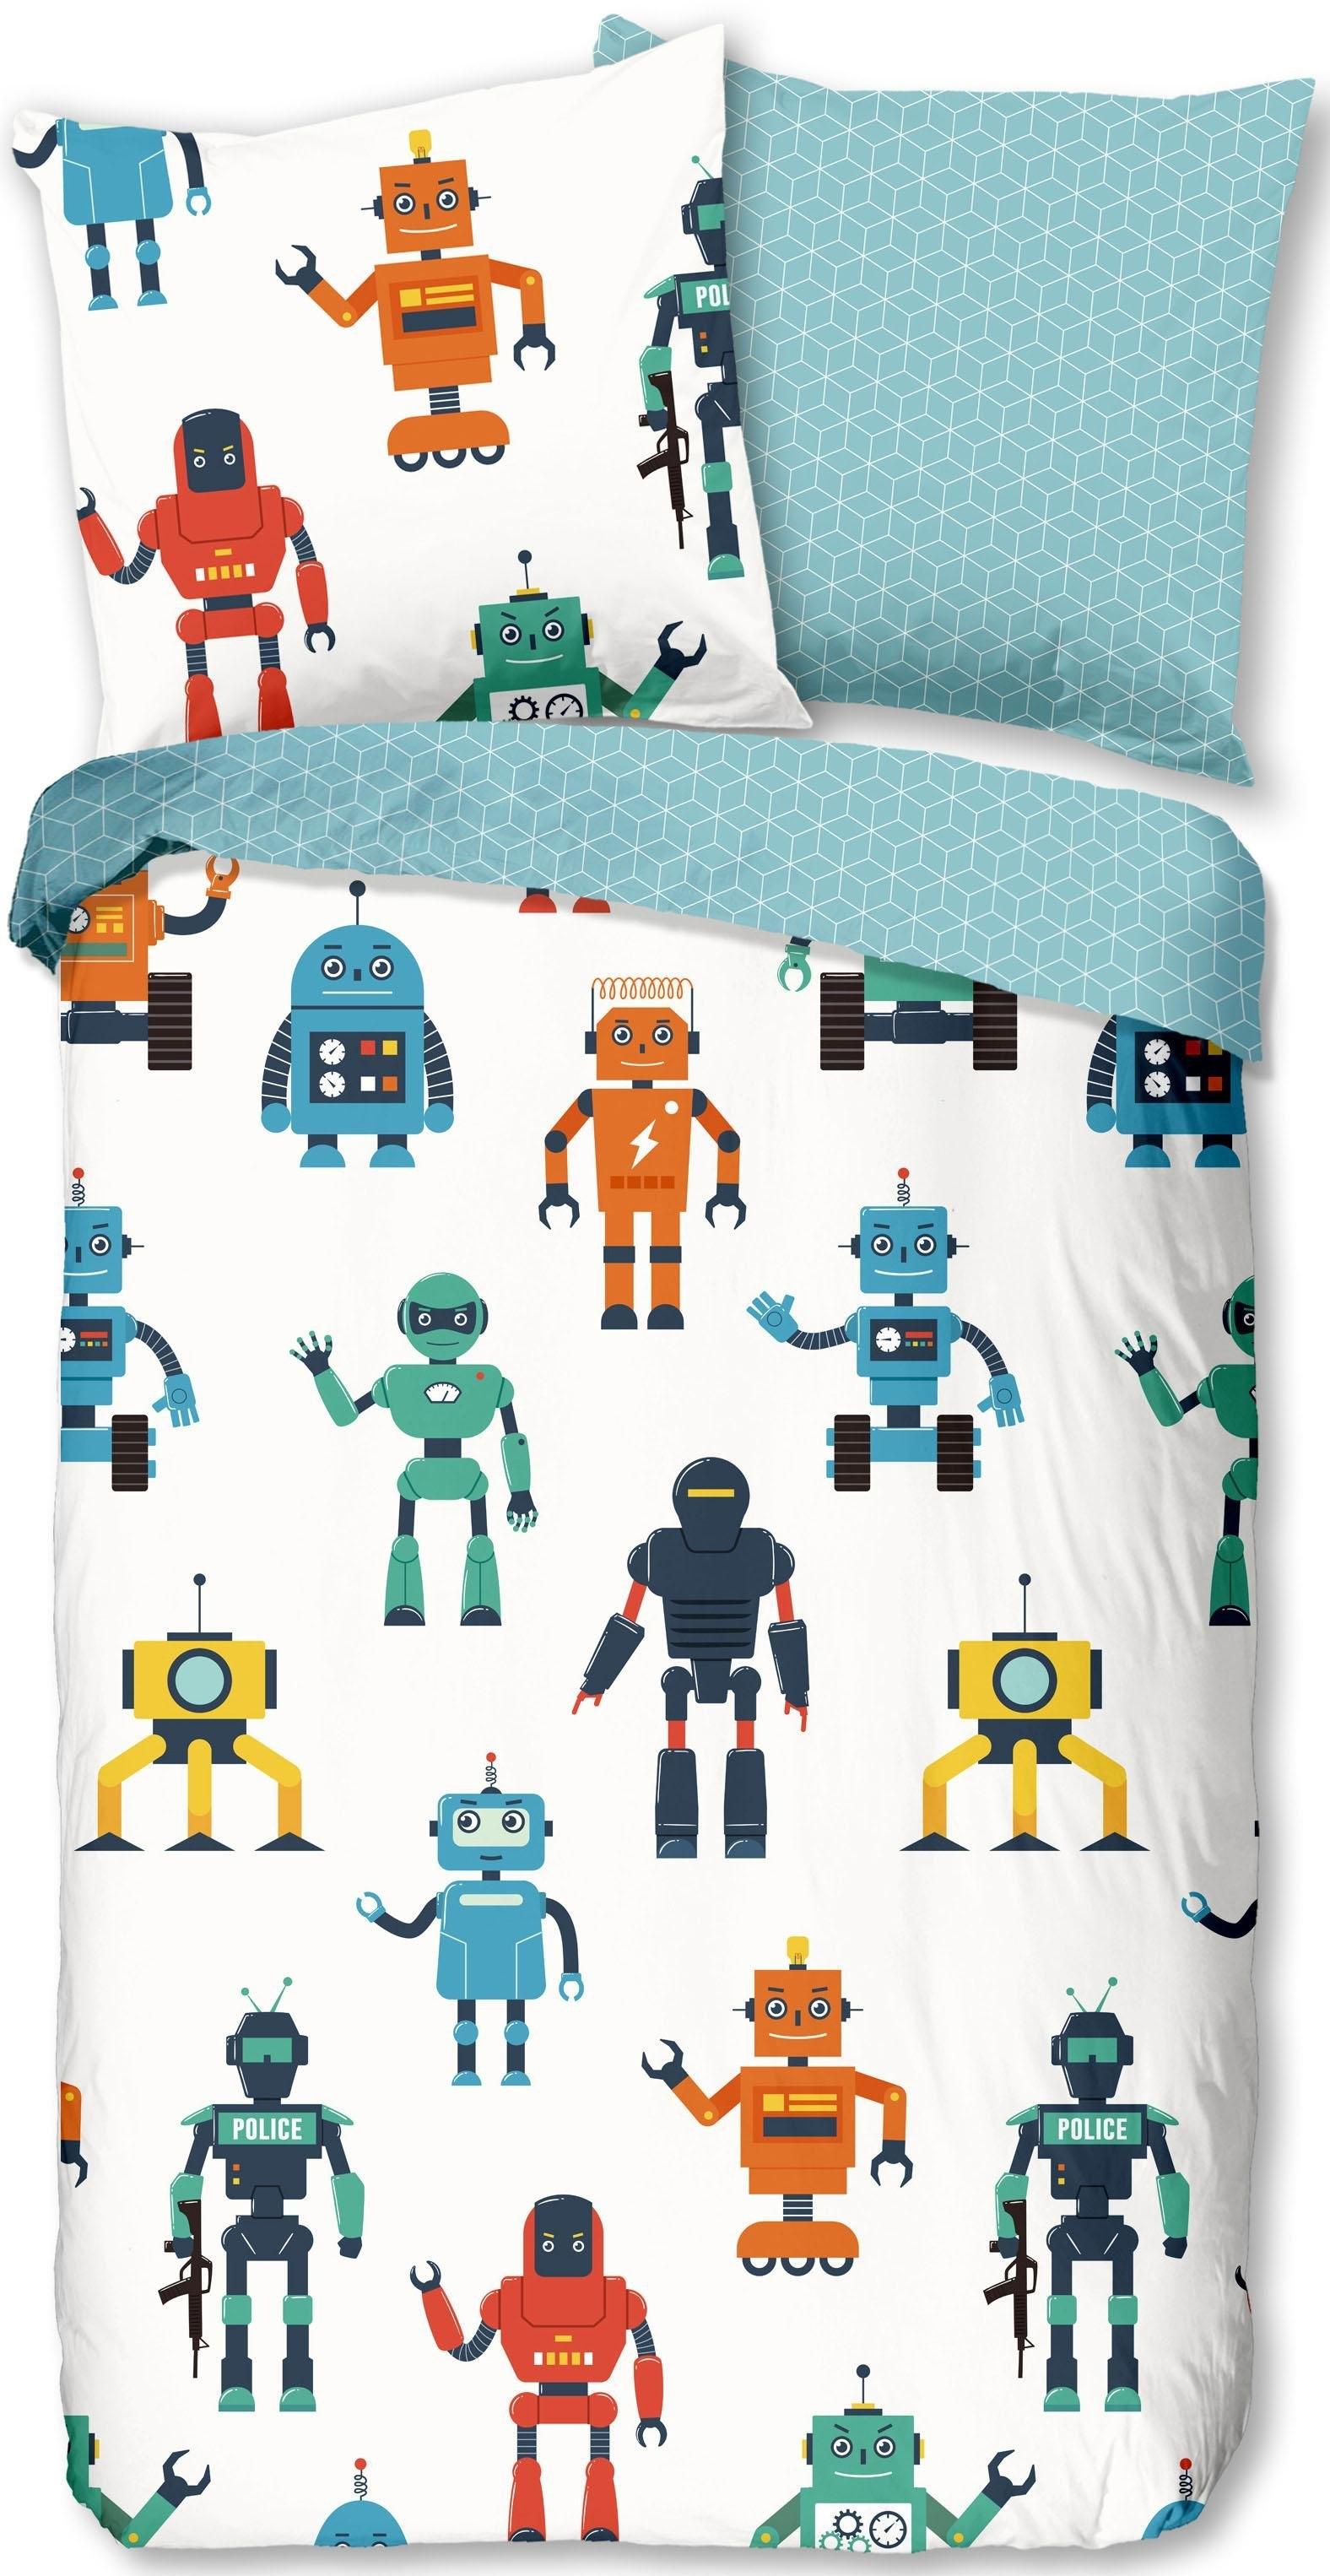 Good Morning tweezijdig te gebruiken overtrekset »Robots« - gratis ruilen op otto.nl